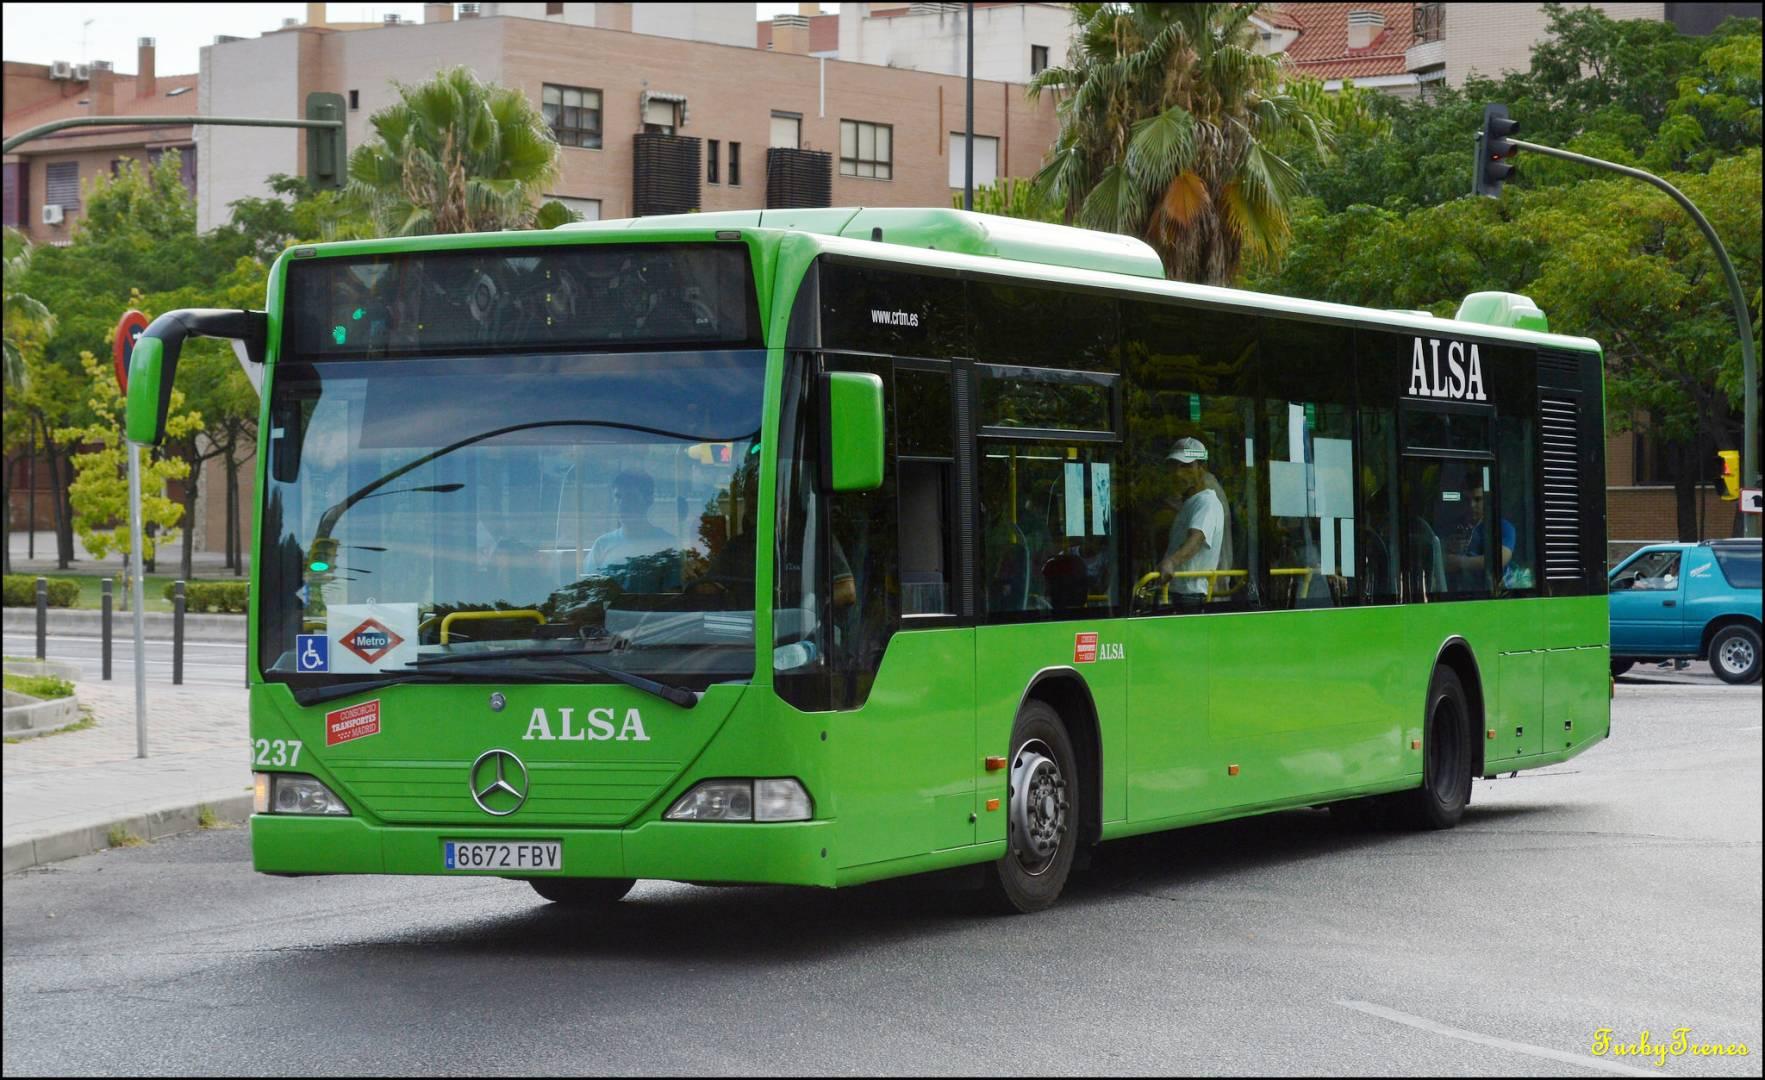 La Comunidad de Madrid ha puesto un servicio sustitutivo de autobuses para el cierre de Metrosur durante el verano de 2015. Foto: FurbyBuses.